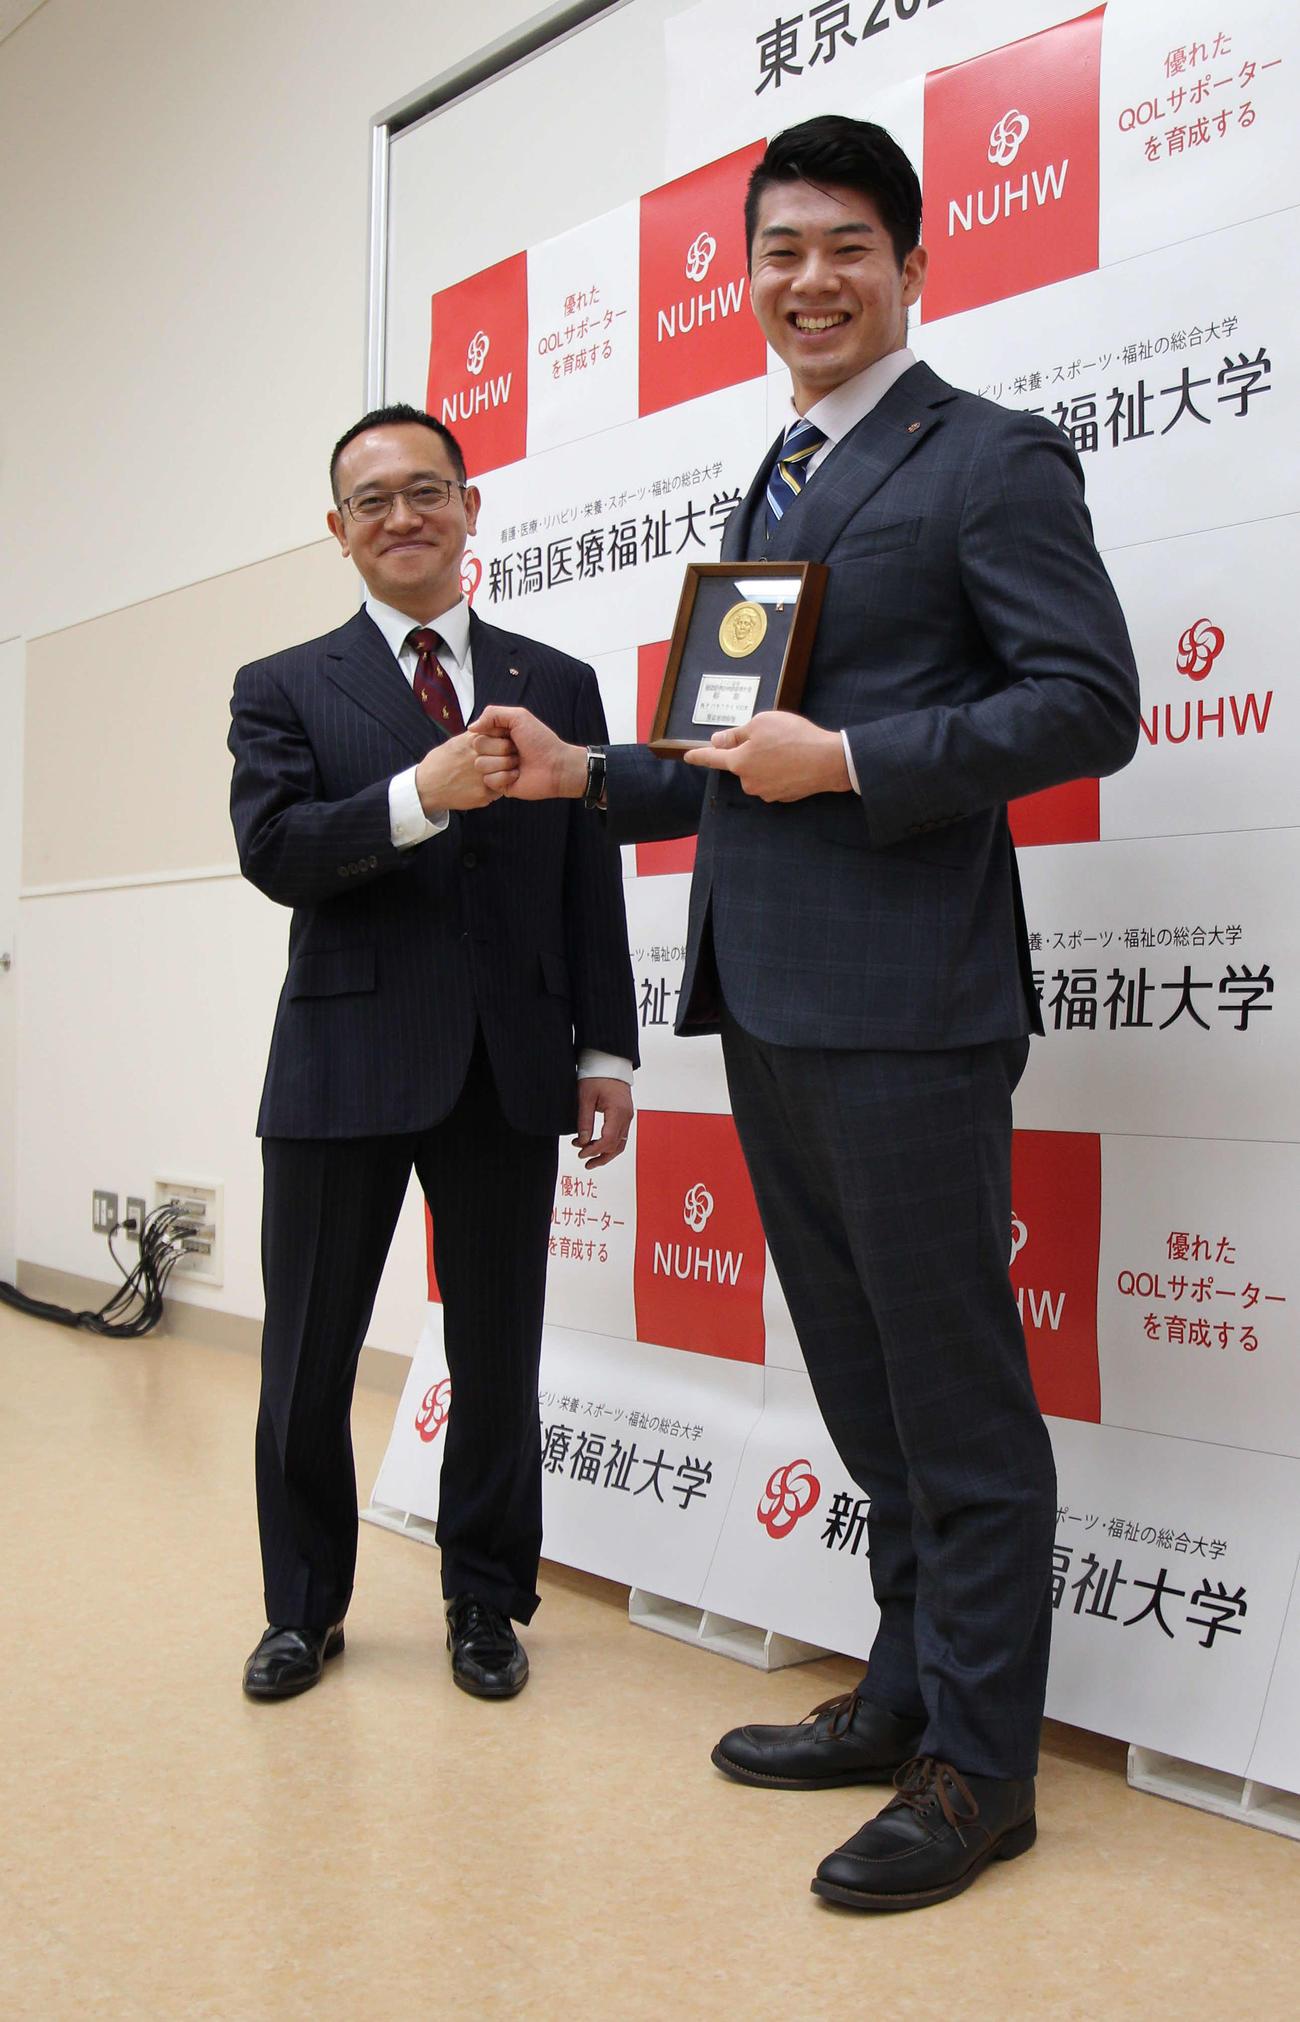 日本代表コーチの下山監督(左)と笑顔でグータッチする水沼